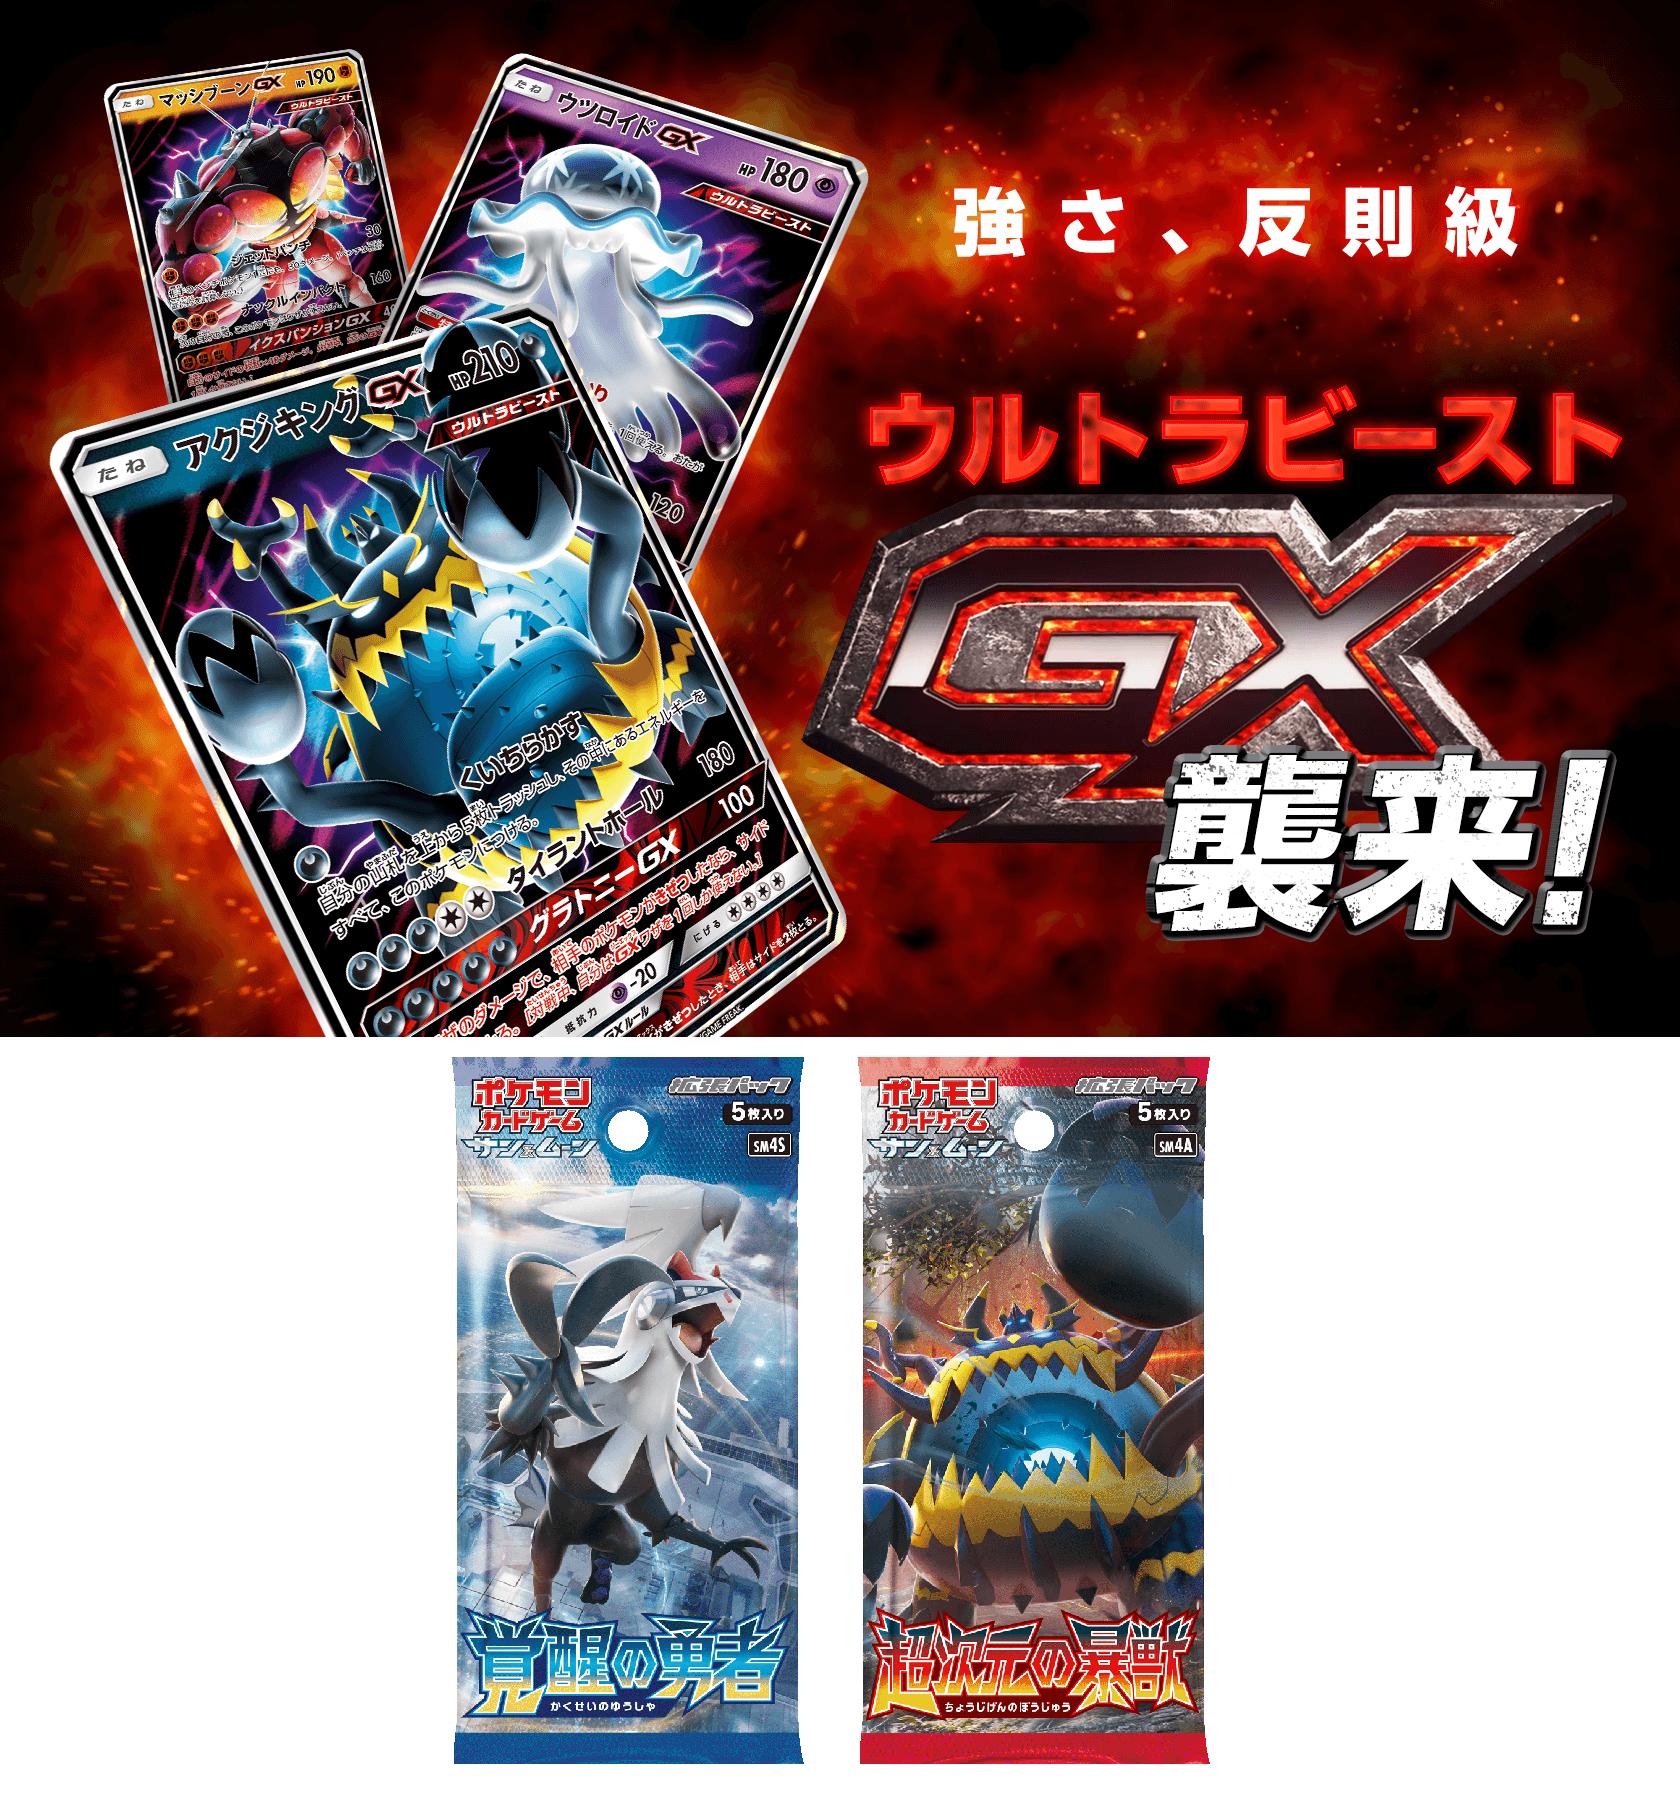 拡張パック「覚醒の勇者」「超次元の暴獣」 | ポケモンカードゲーム